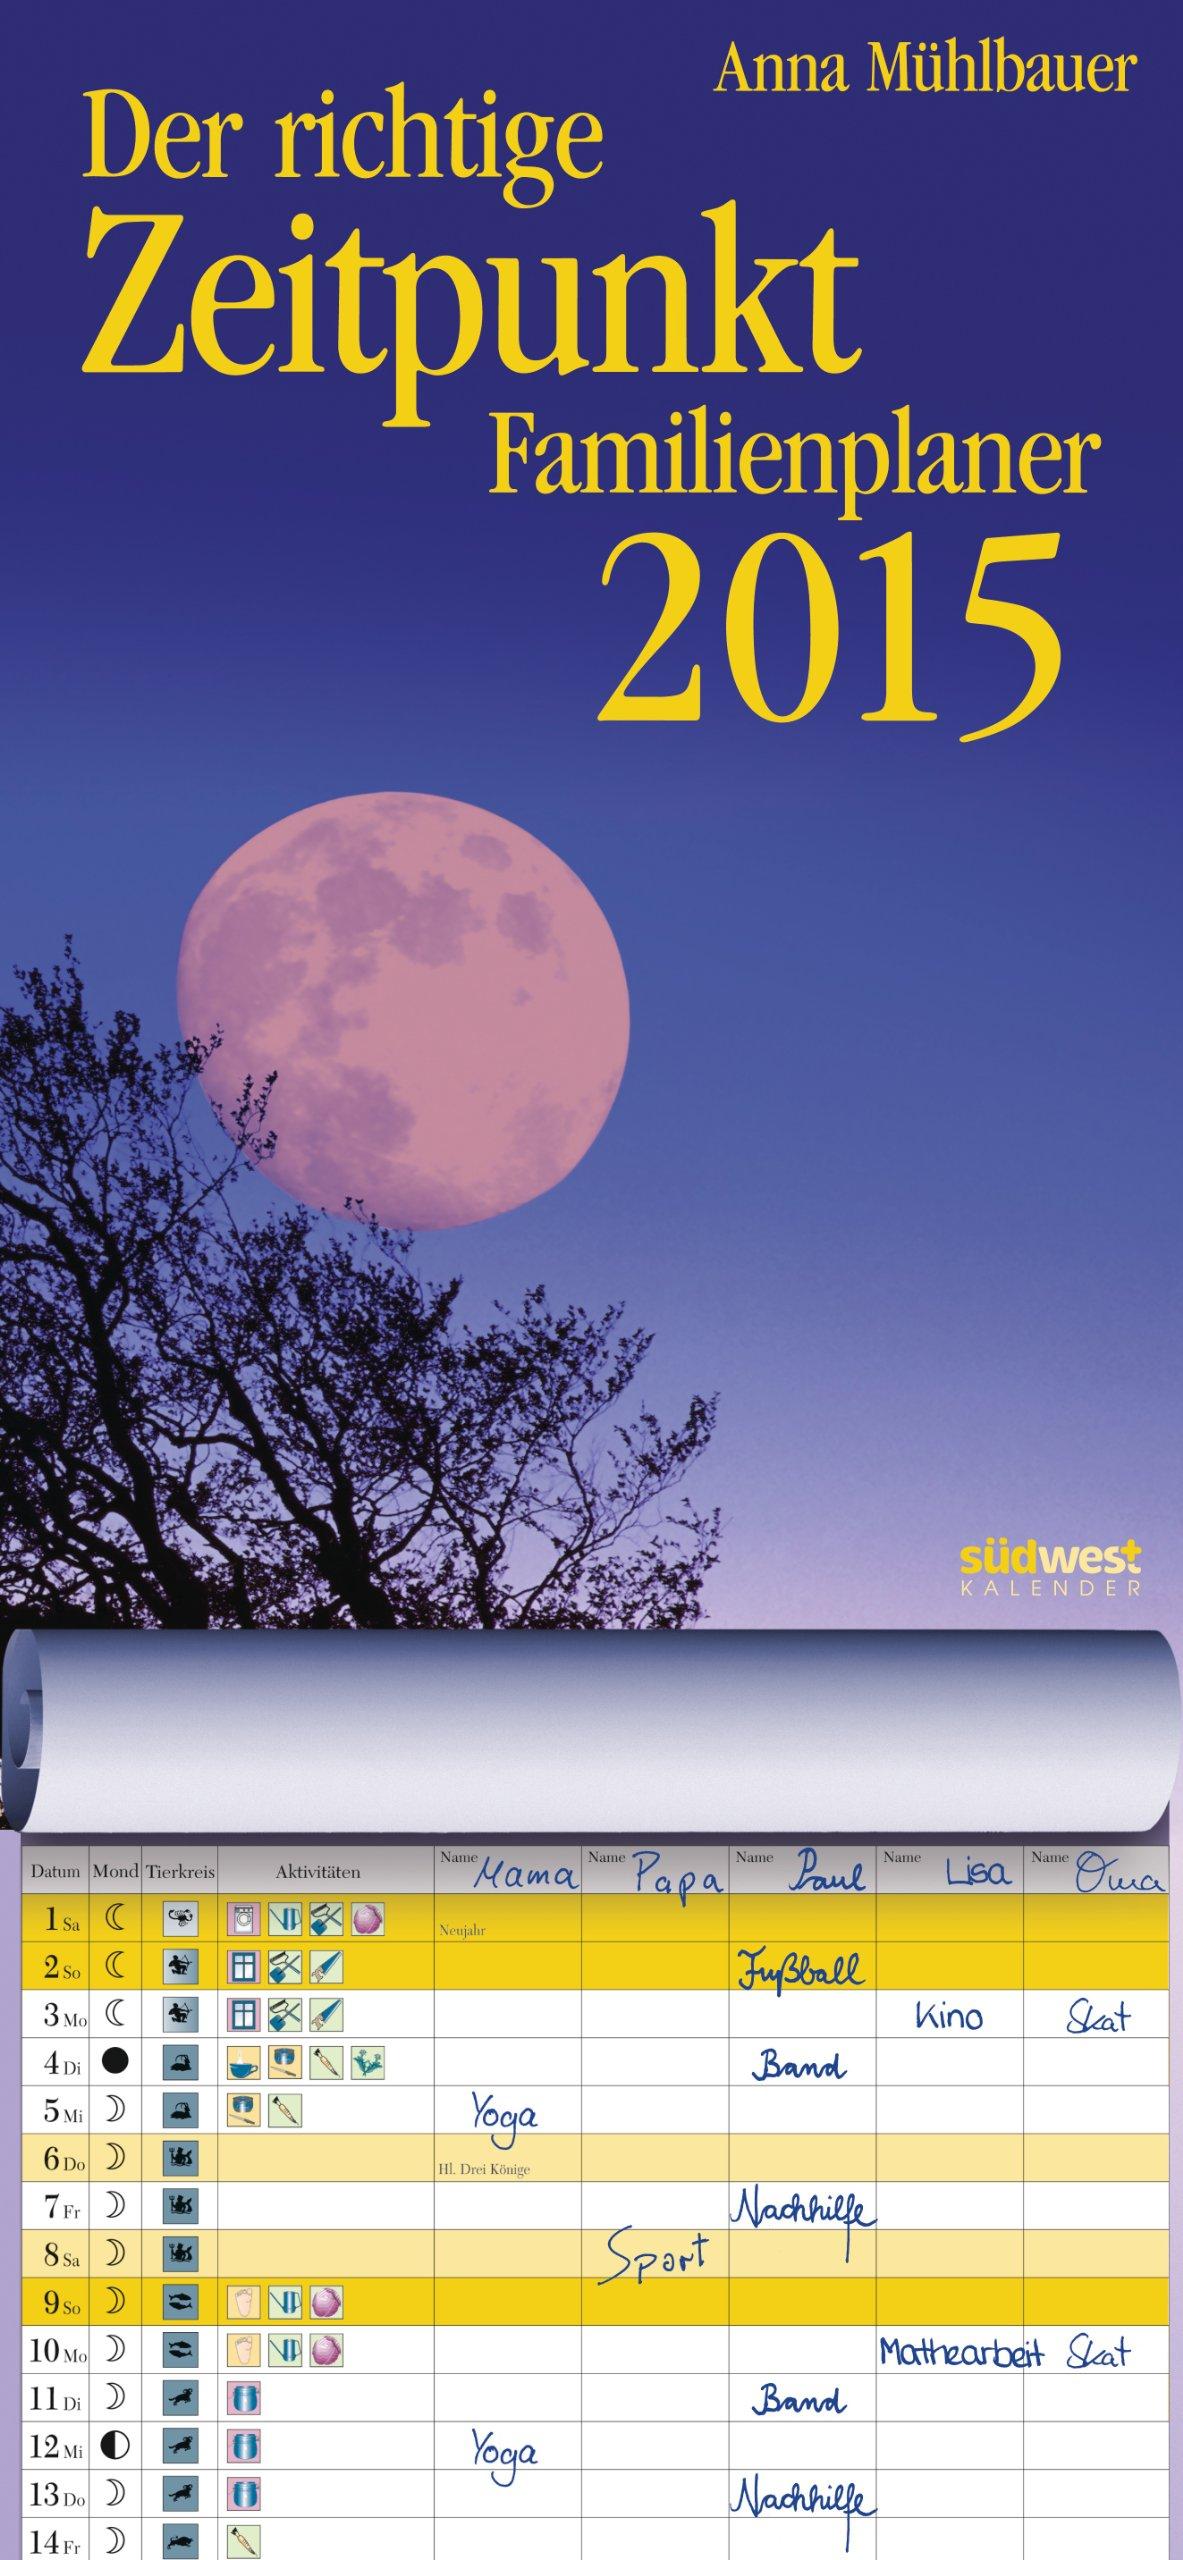 Der richtige Zeitpunkt 2015 Familienplaner